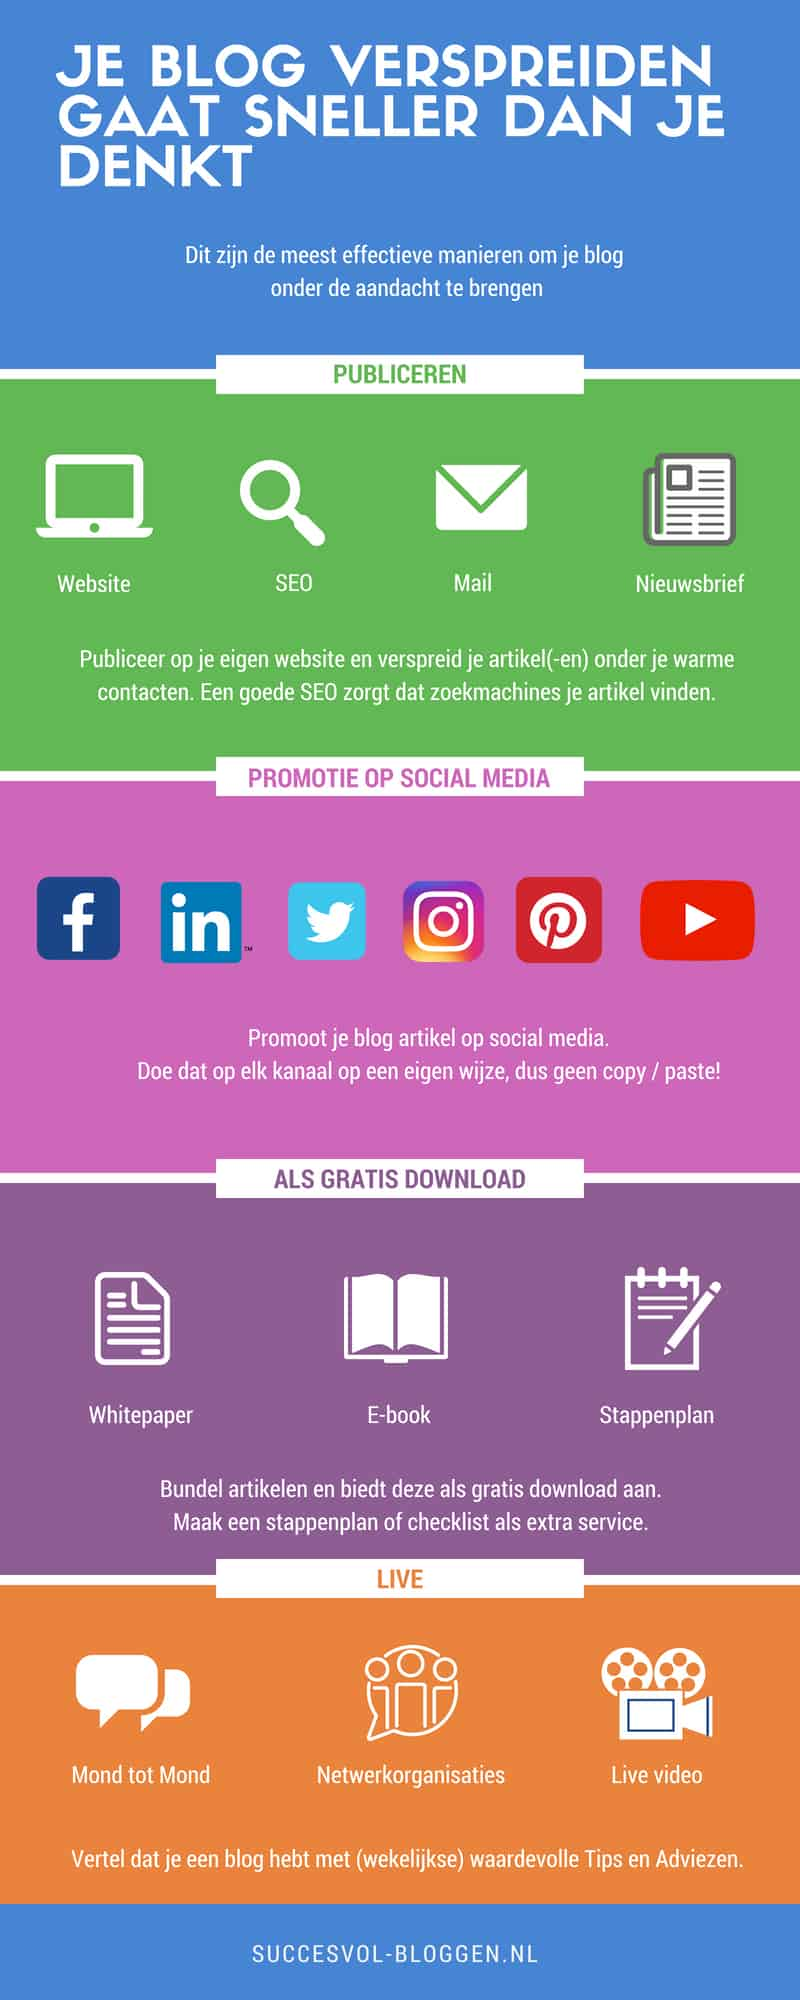 Content verspreiden gaat sneller dan je denkt. Succesvol-Bloggen.nl #content #blog #infographic #blogpromotie